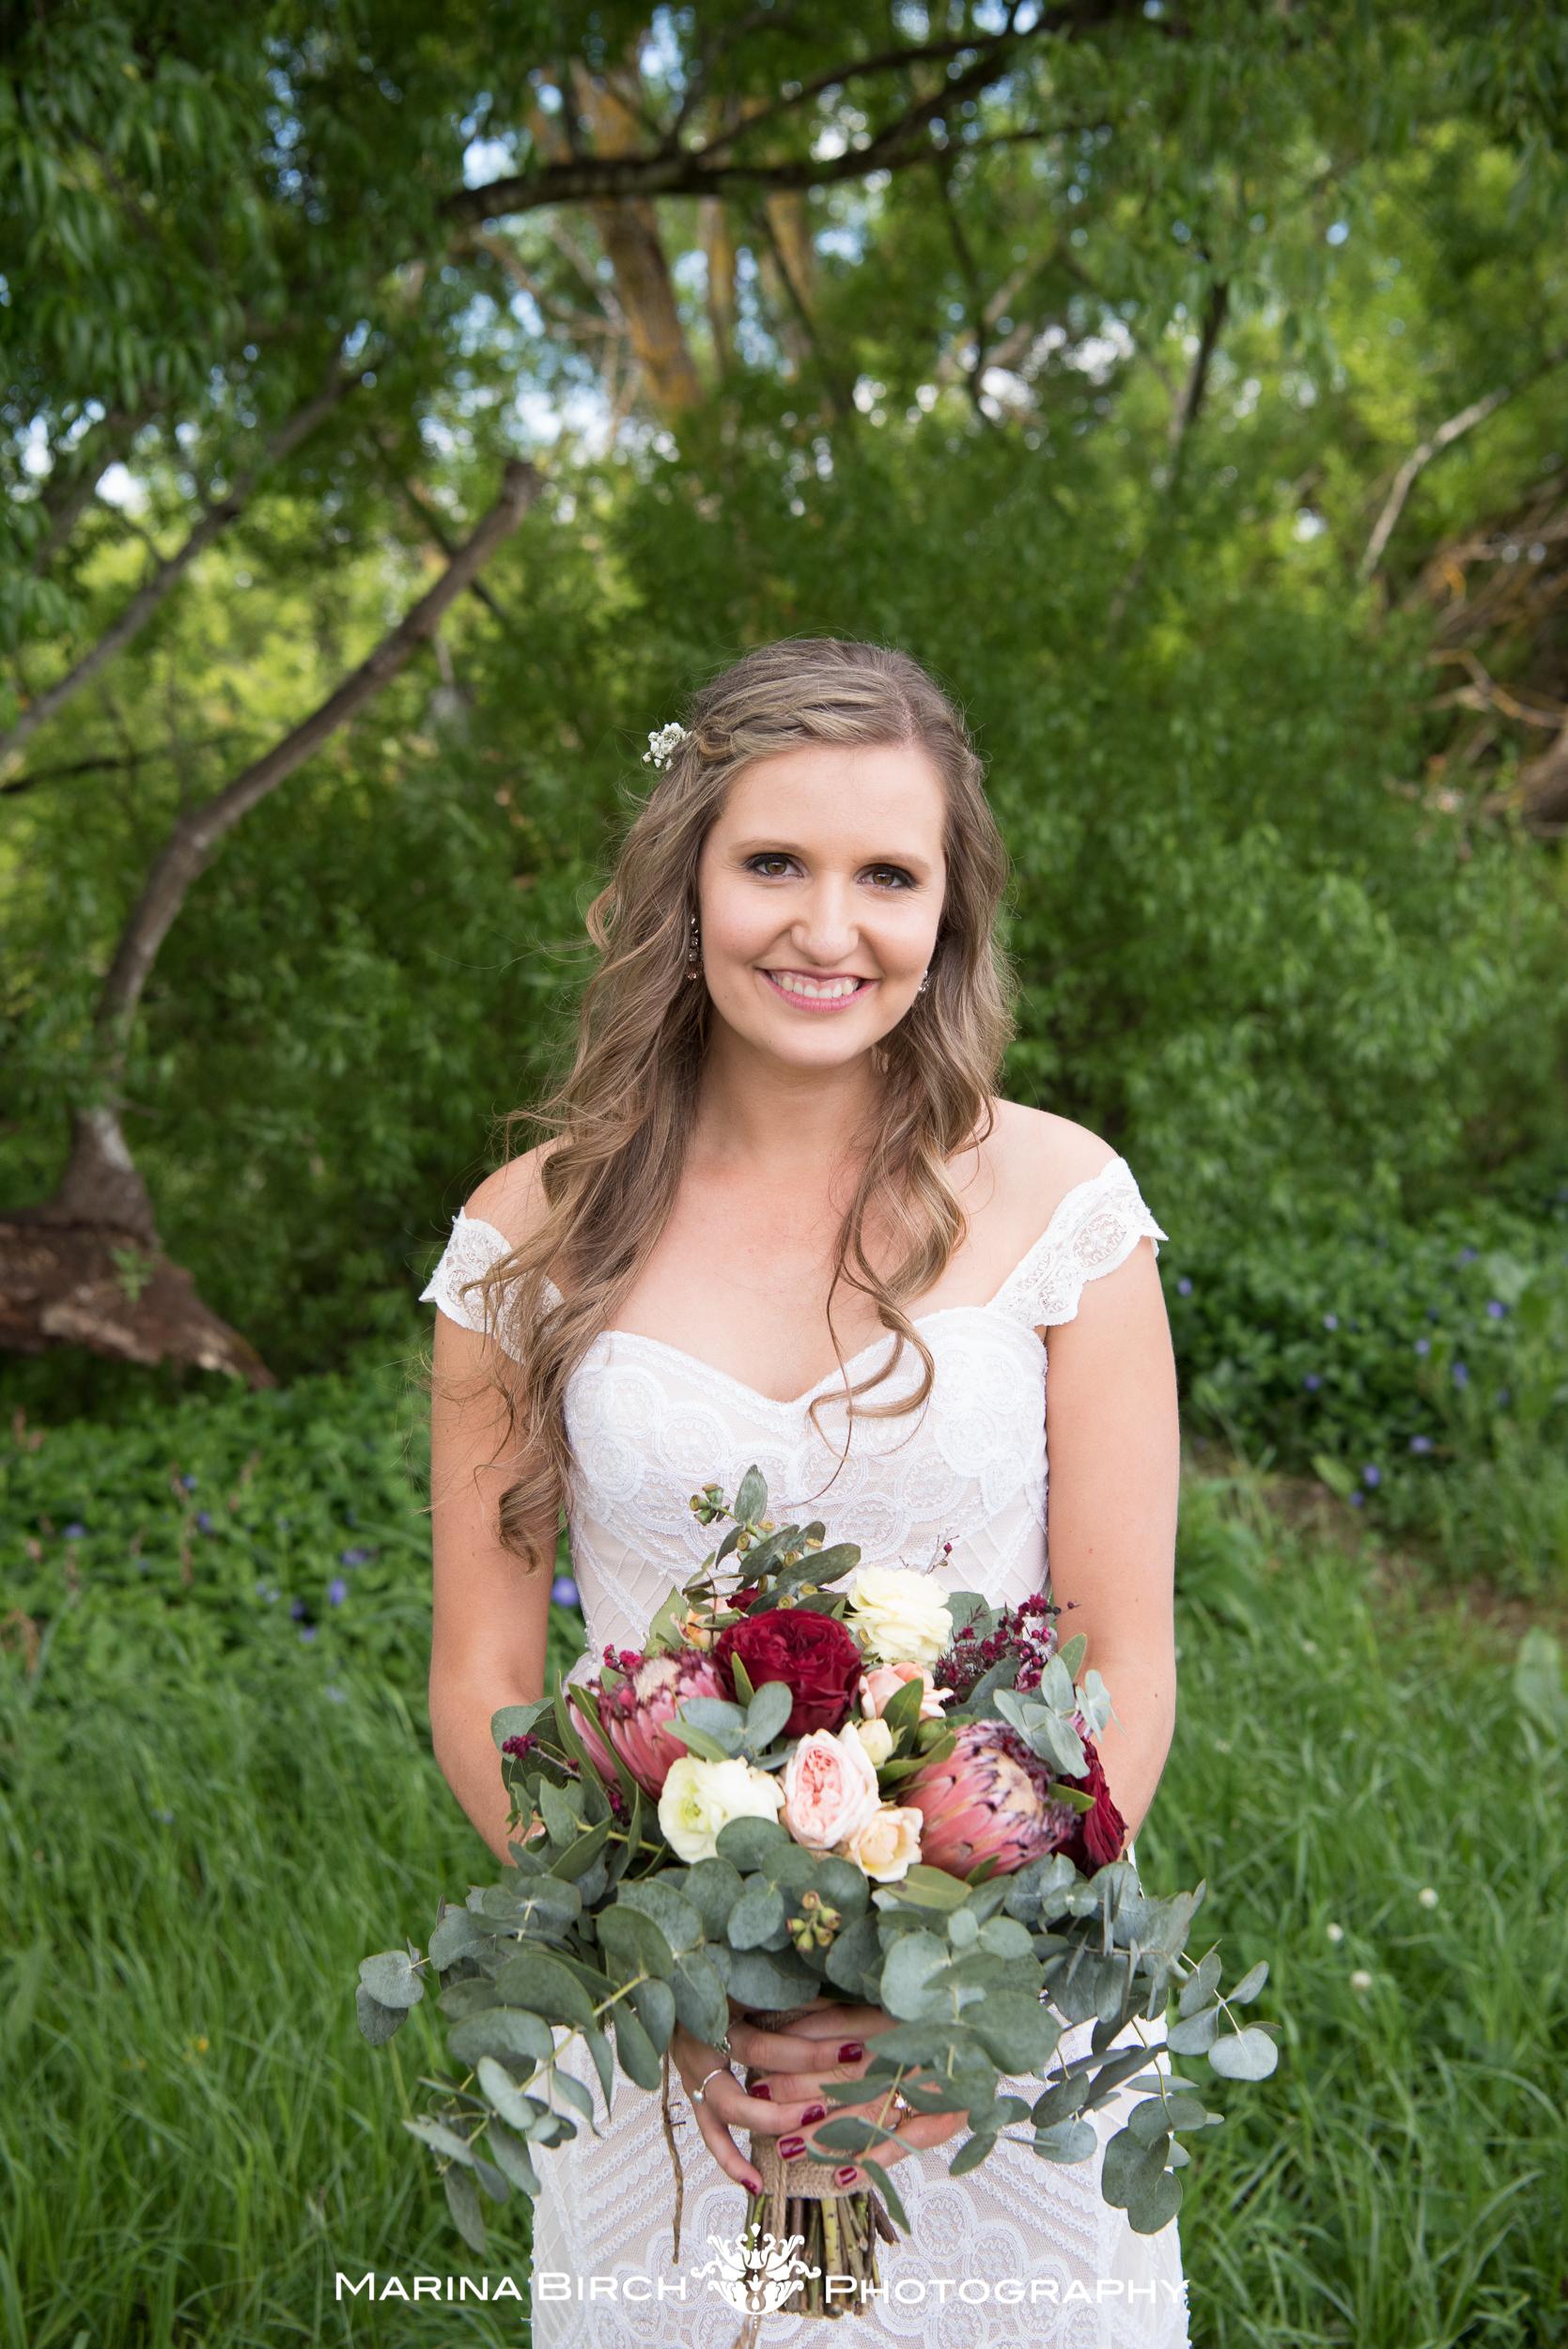 MBP.wedding -27.jpg